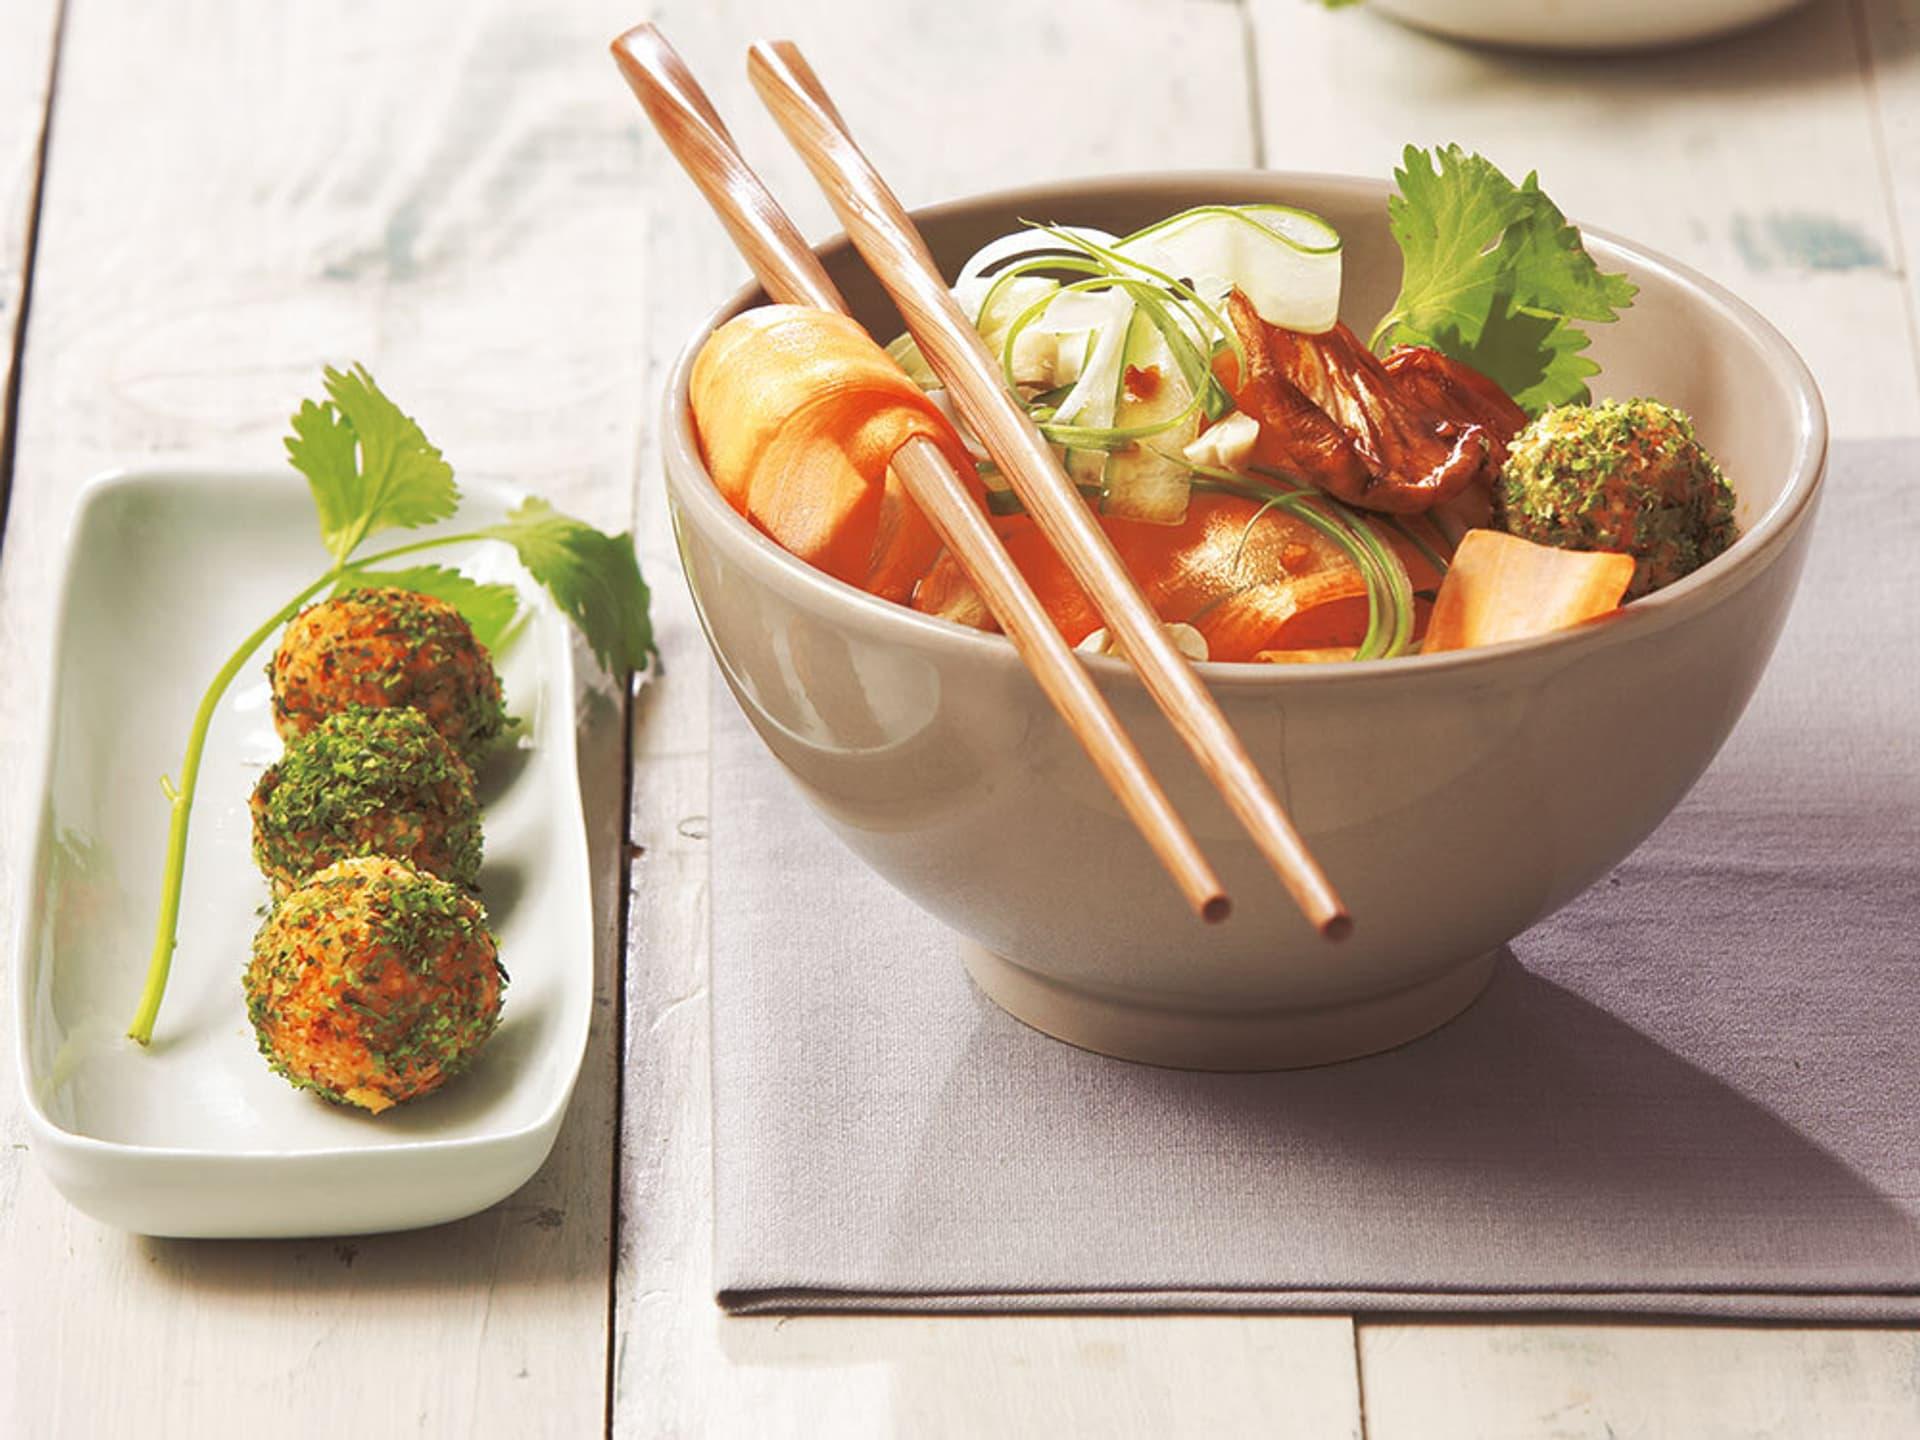 Zwei Schüsseln mit Salat und Bällchen sowie Stäbchen